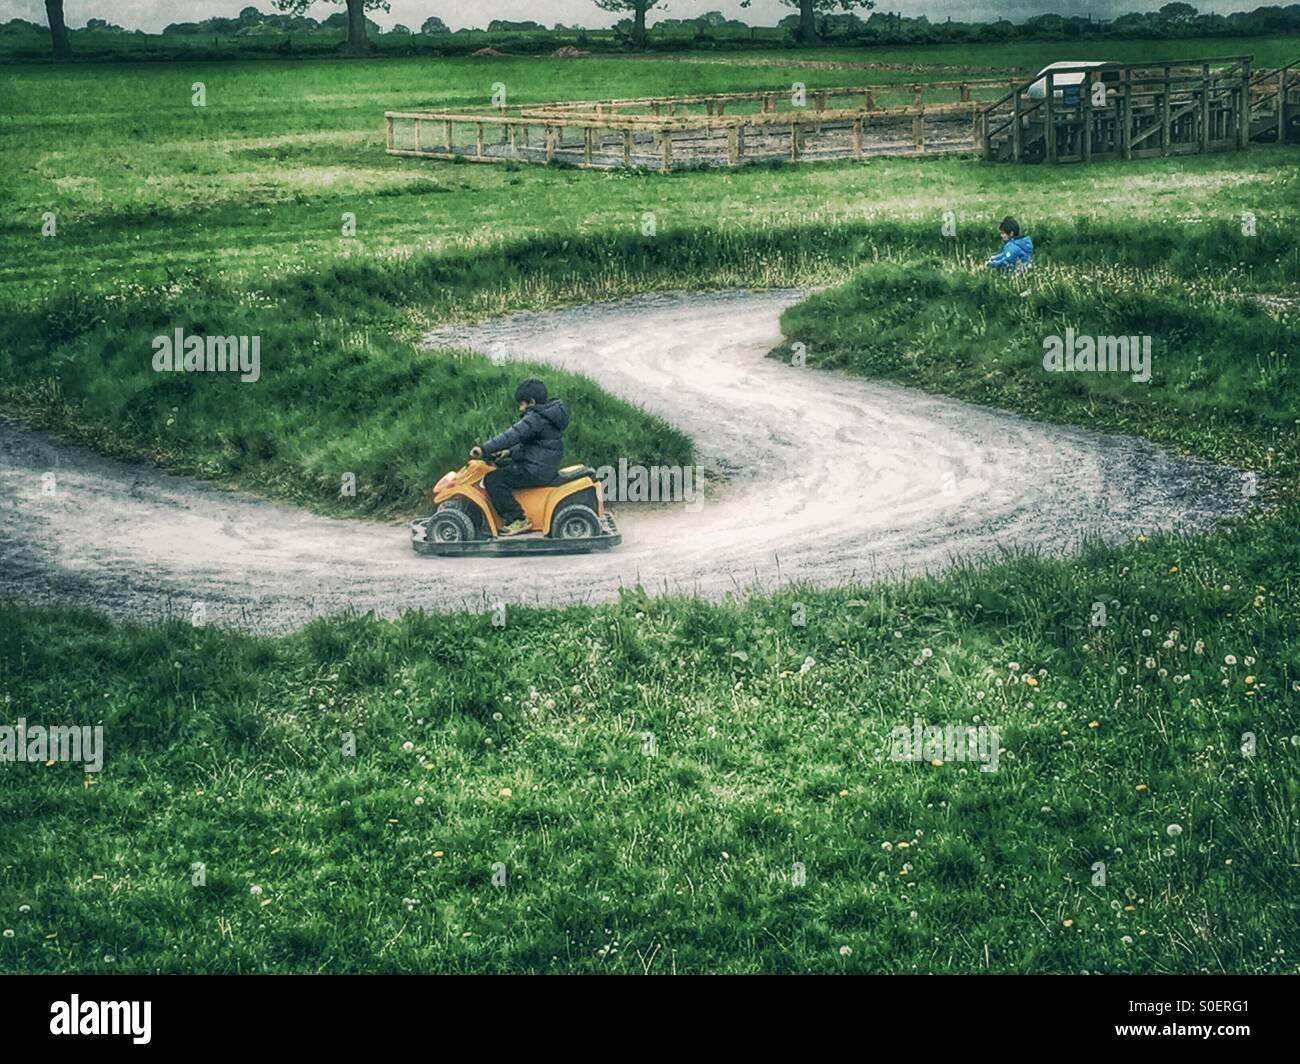 Courses de kart pour enfants Photo Stock